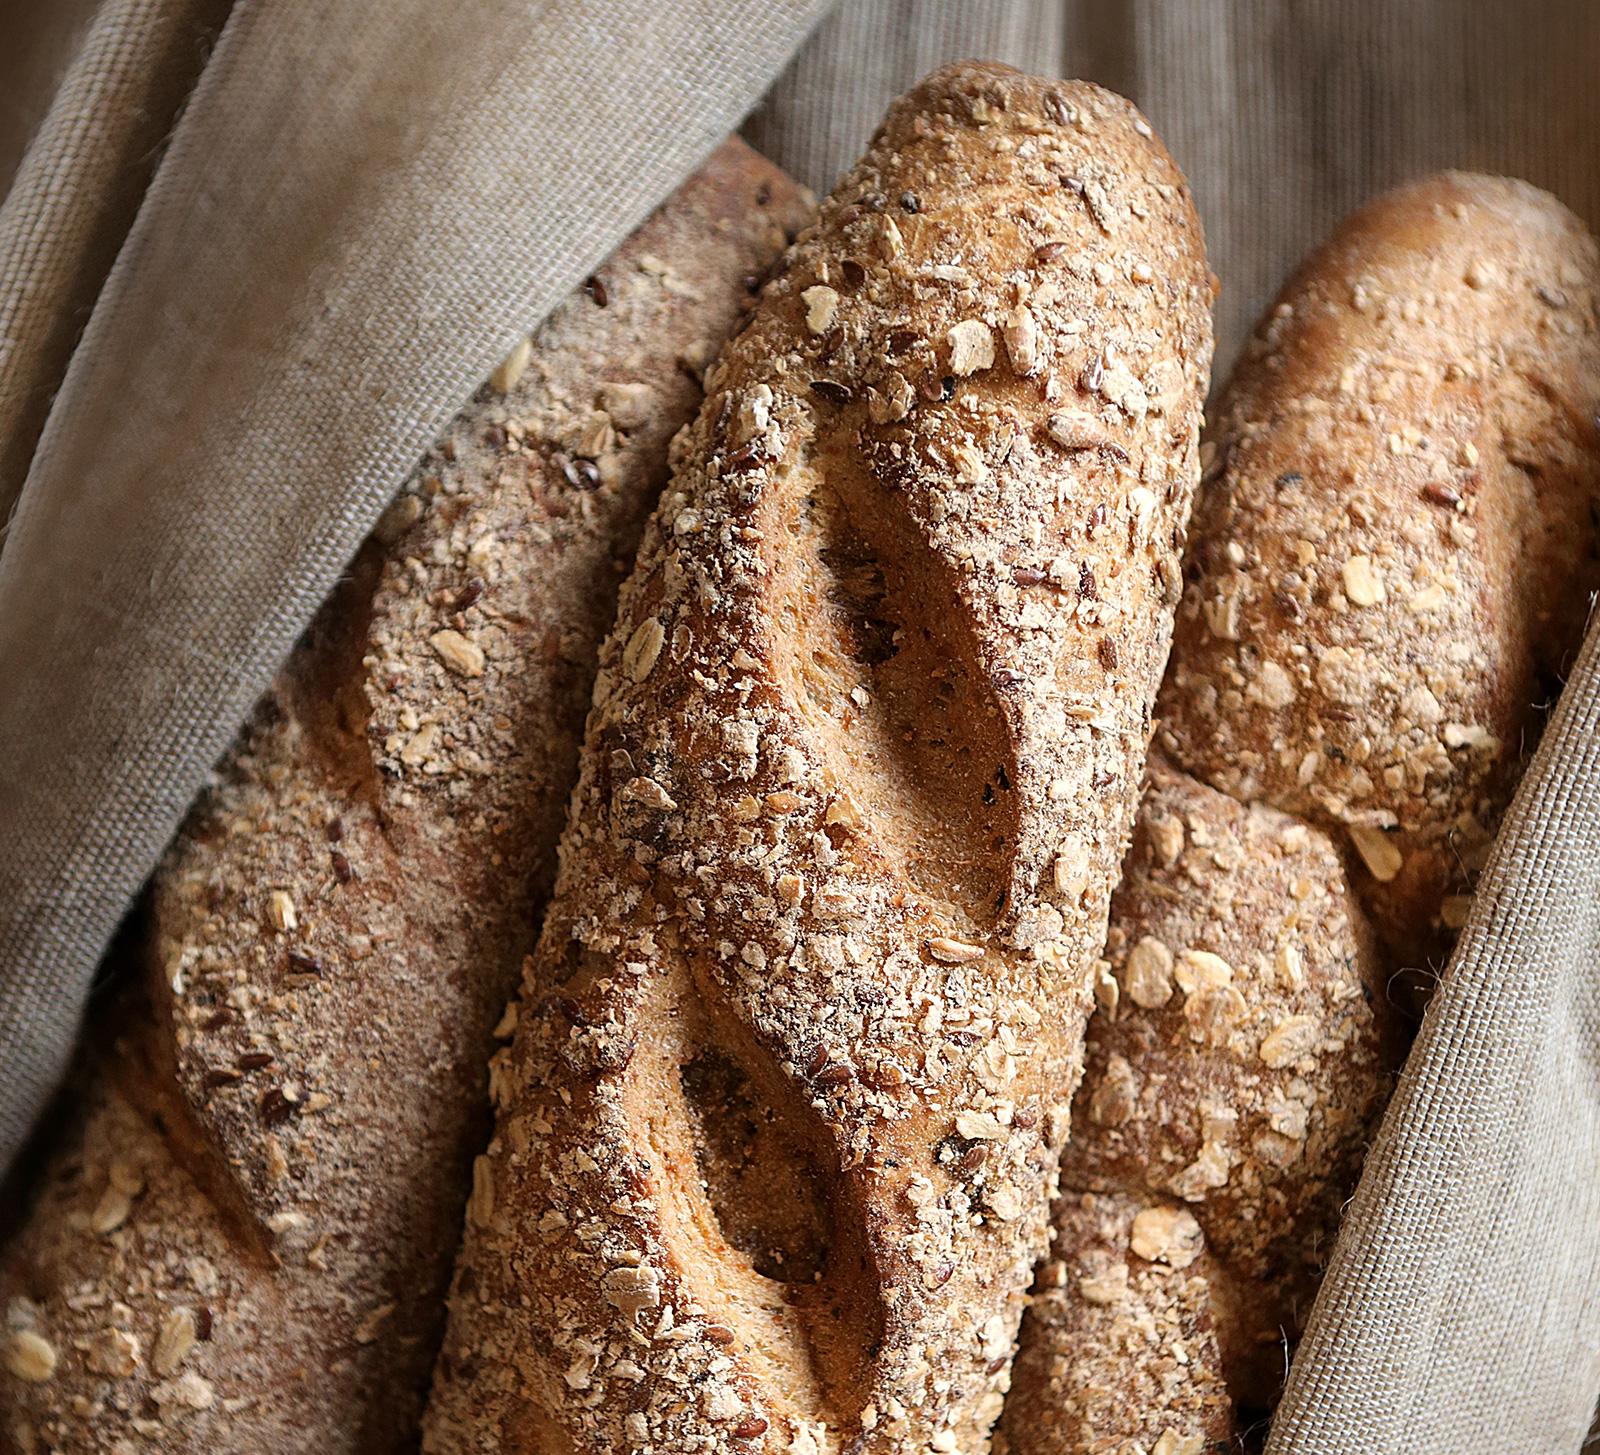 Boulangerie Pâtisserie Jézéquel